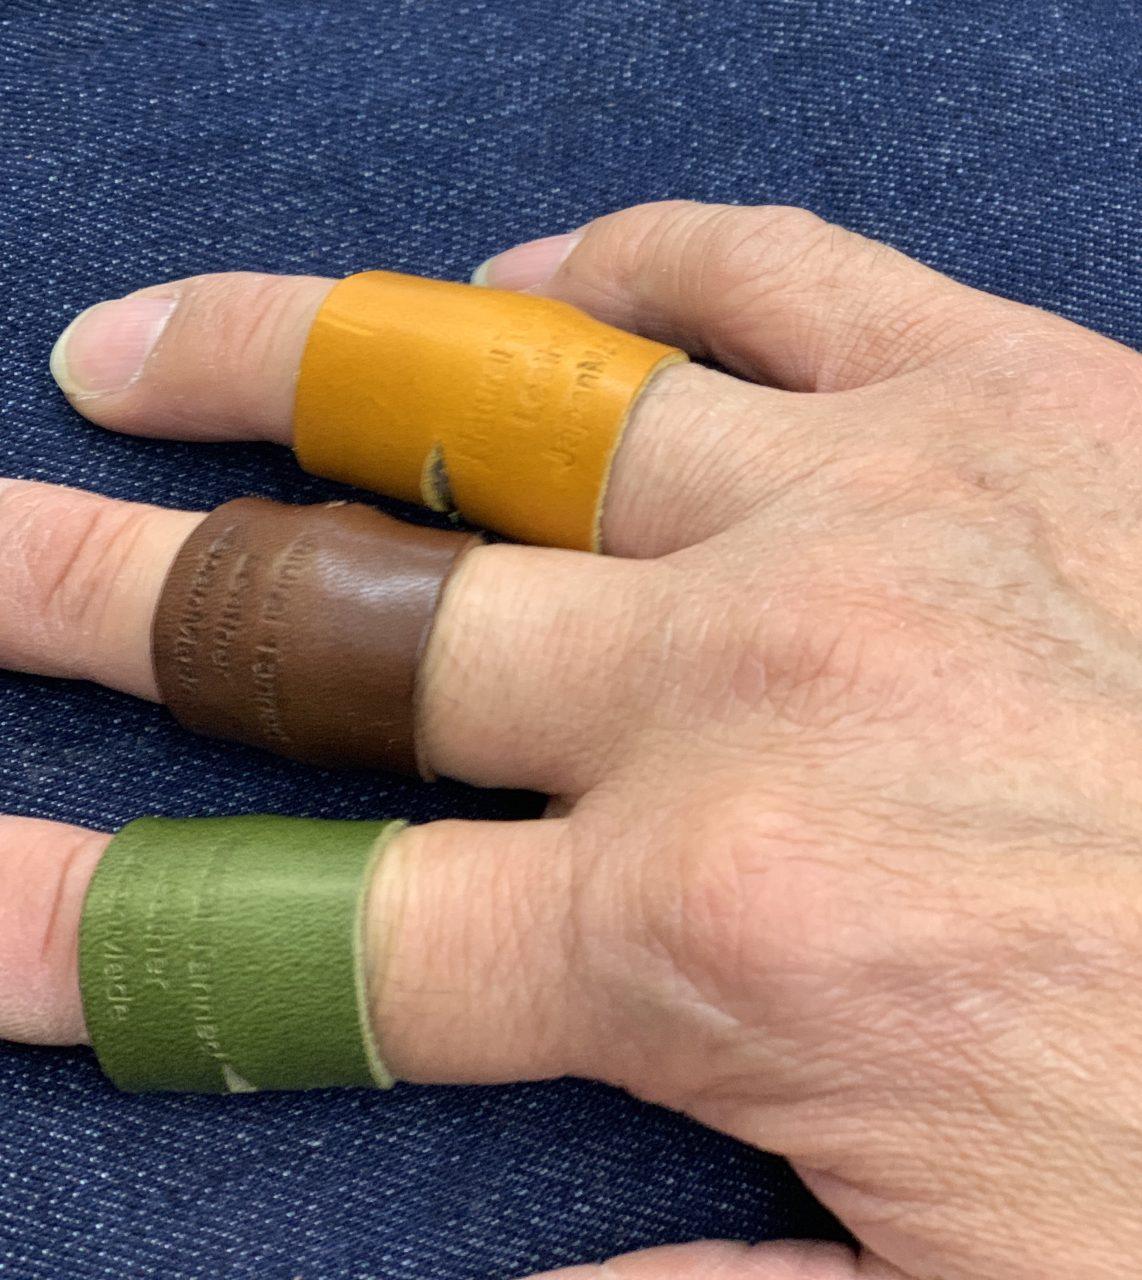 栃木レザー 革リング 非接触 タッチレス 本革指輪 レザーリング ボタン触らない 本革リング エレベーターボタン 自動ドアボタン ドアノブ 二次接触防止 おすすめ 自社生産